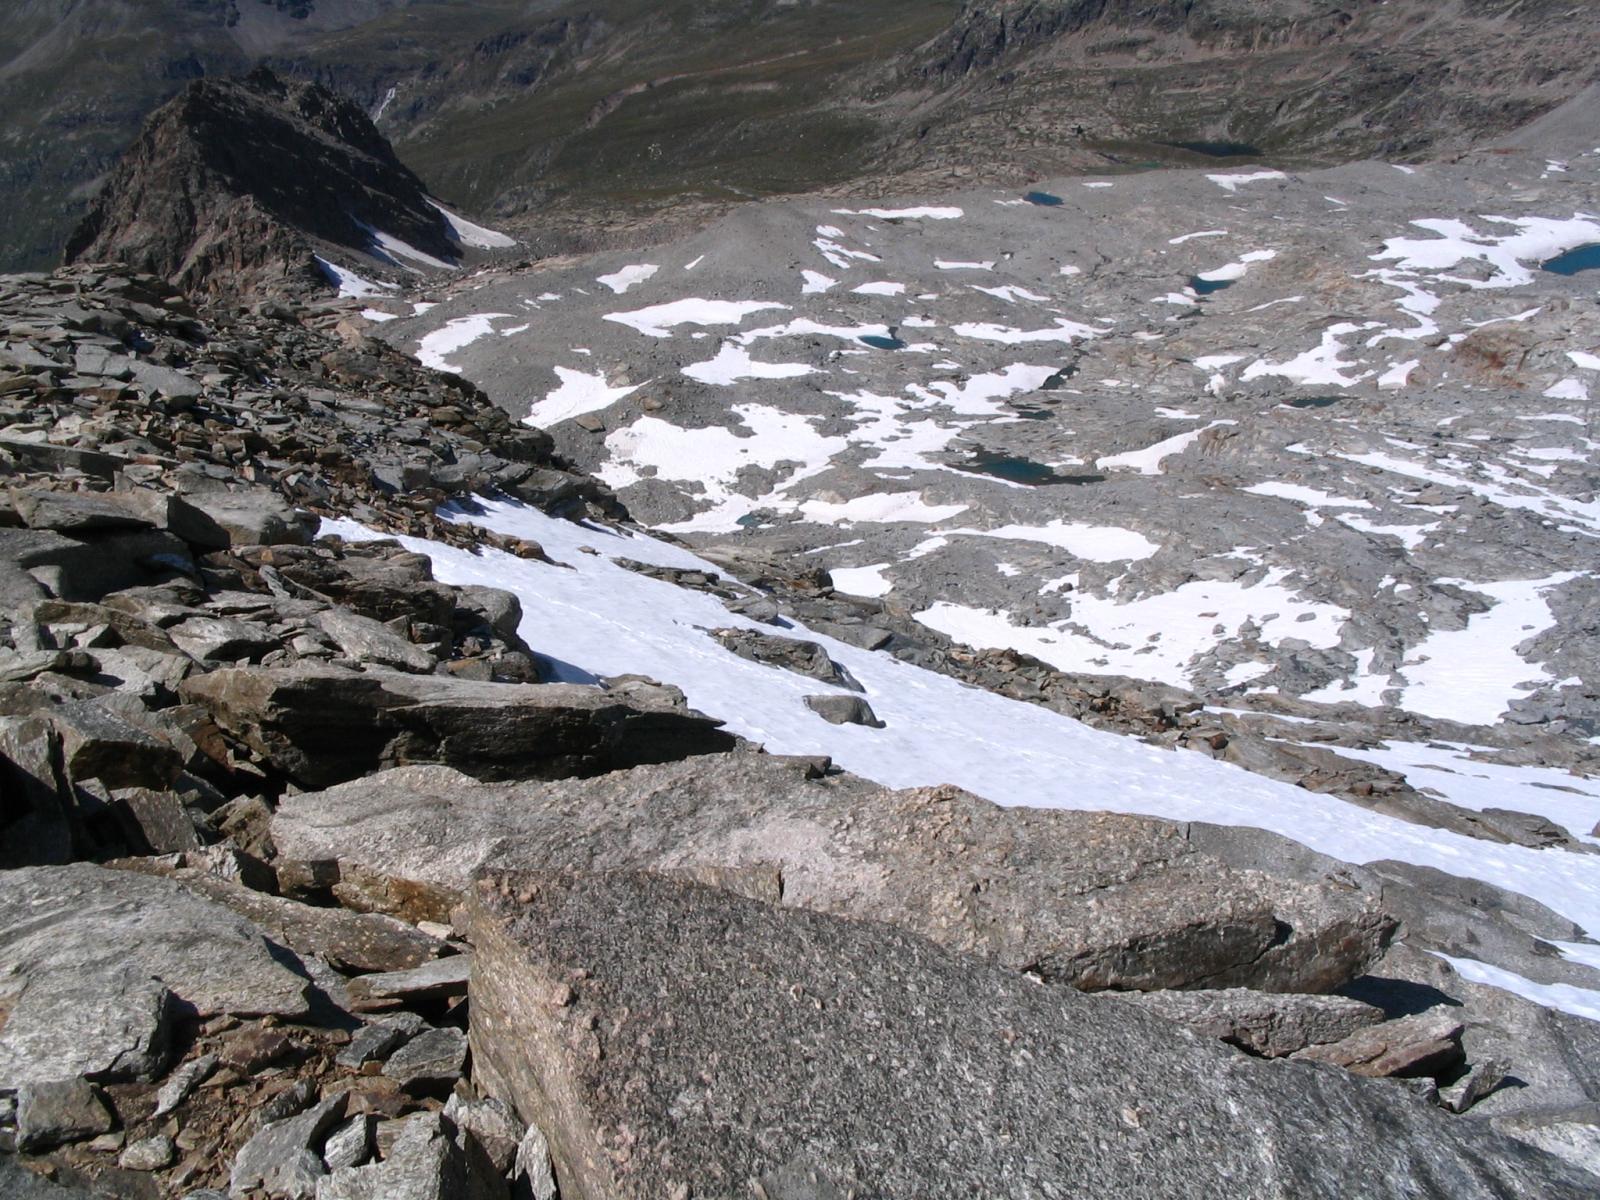 Le nostre tacce sulla neve: peccato non arrivasse fino in cima !